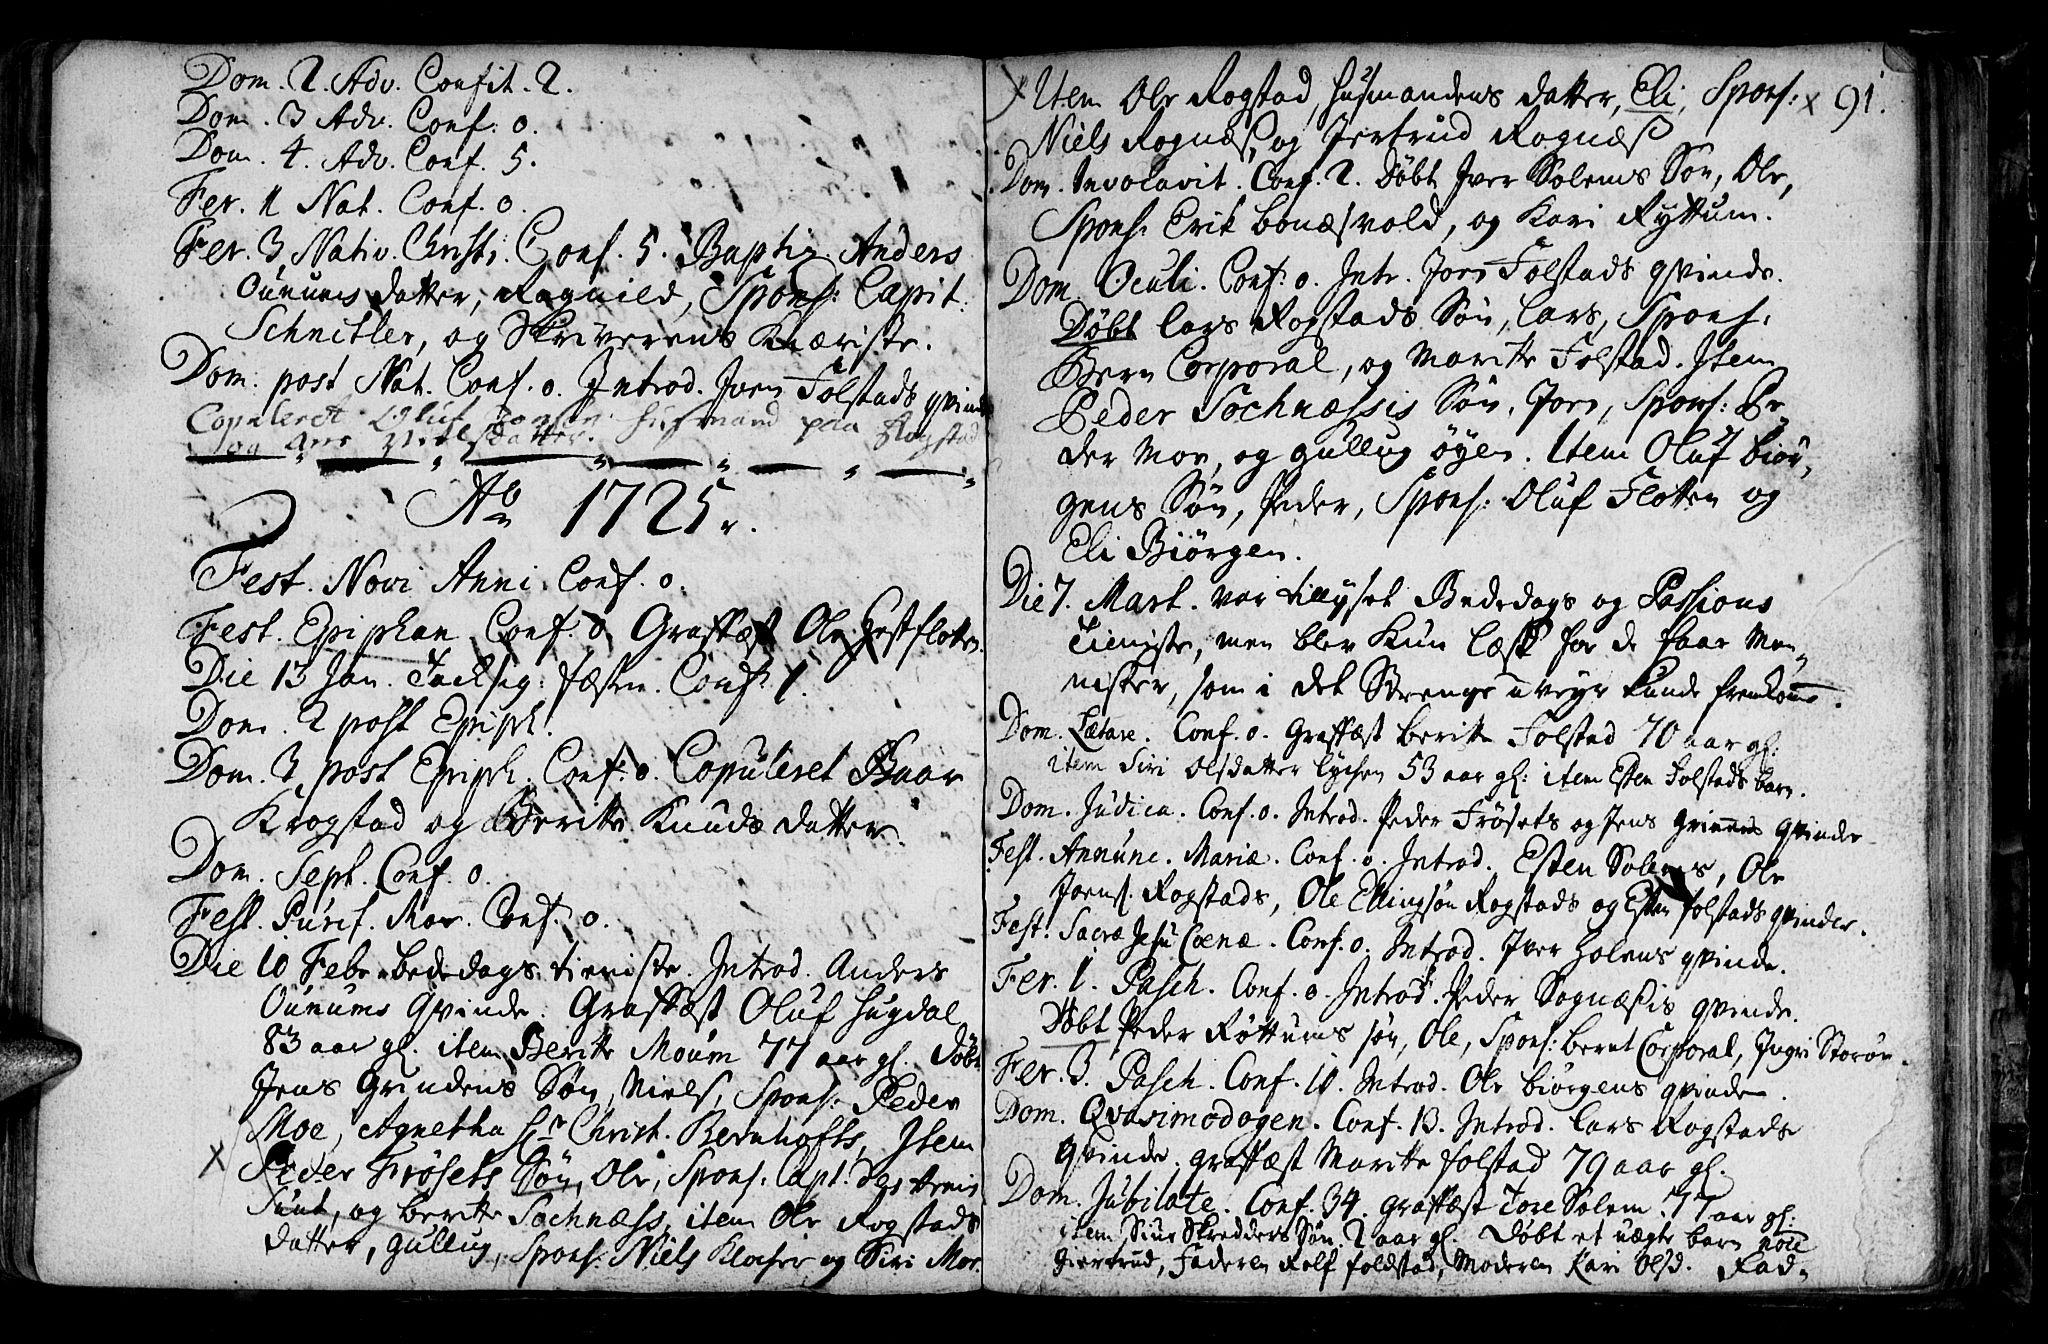 SAT, Ministerialprotokoller, klokkerbøker og fødselsregistre - Sør-Trøndelag, 687/L0990: Ministerialbok nr. 687A01, 1690-1746, s. 91